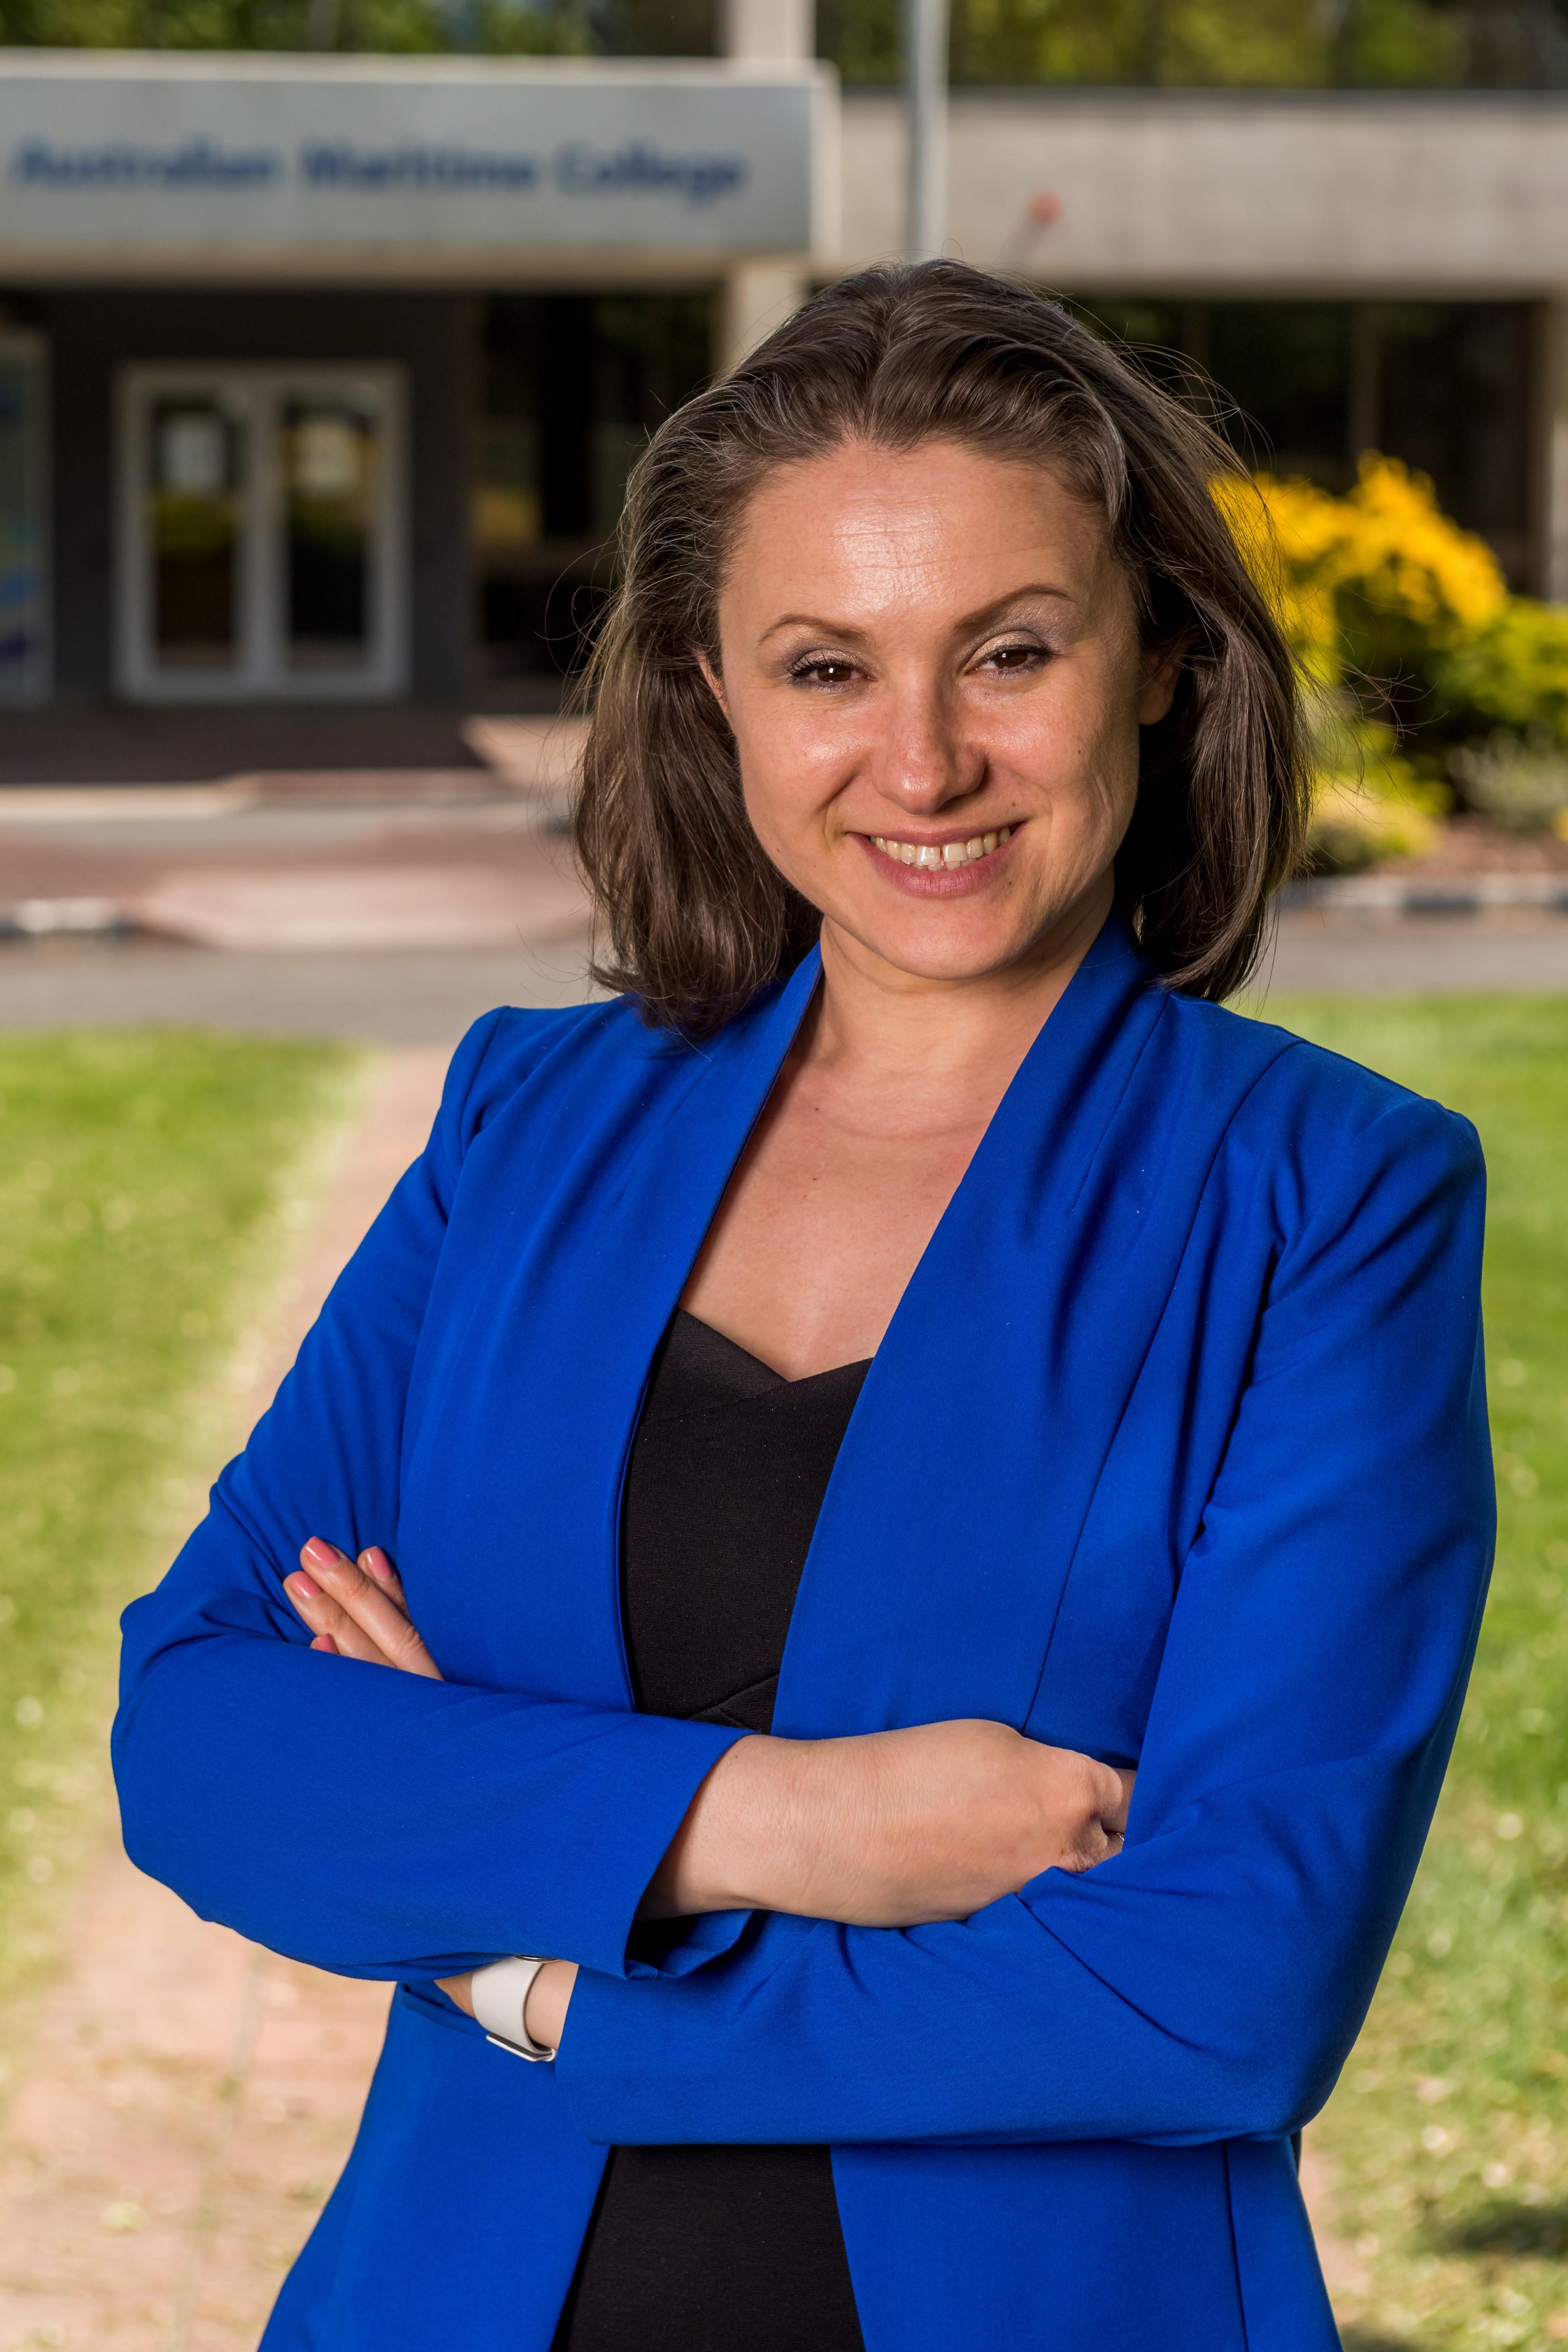 Natalia Nikolova